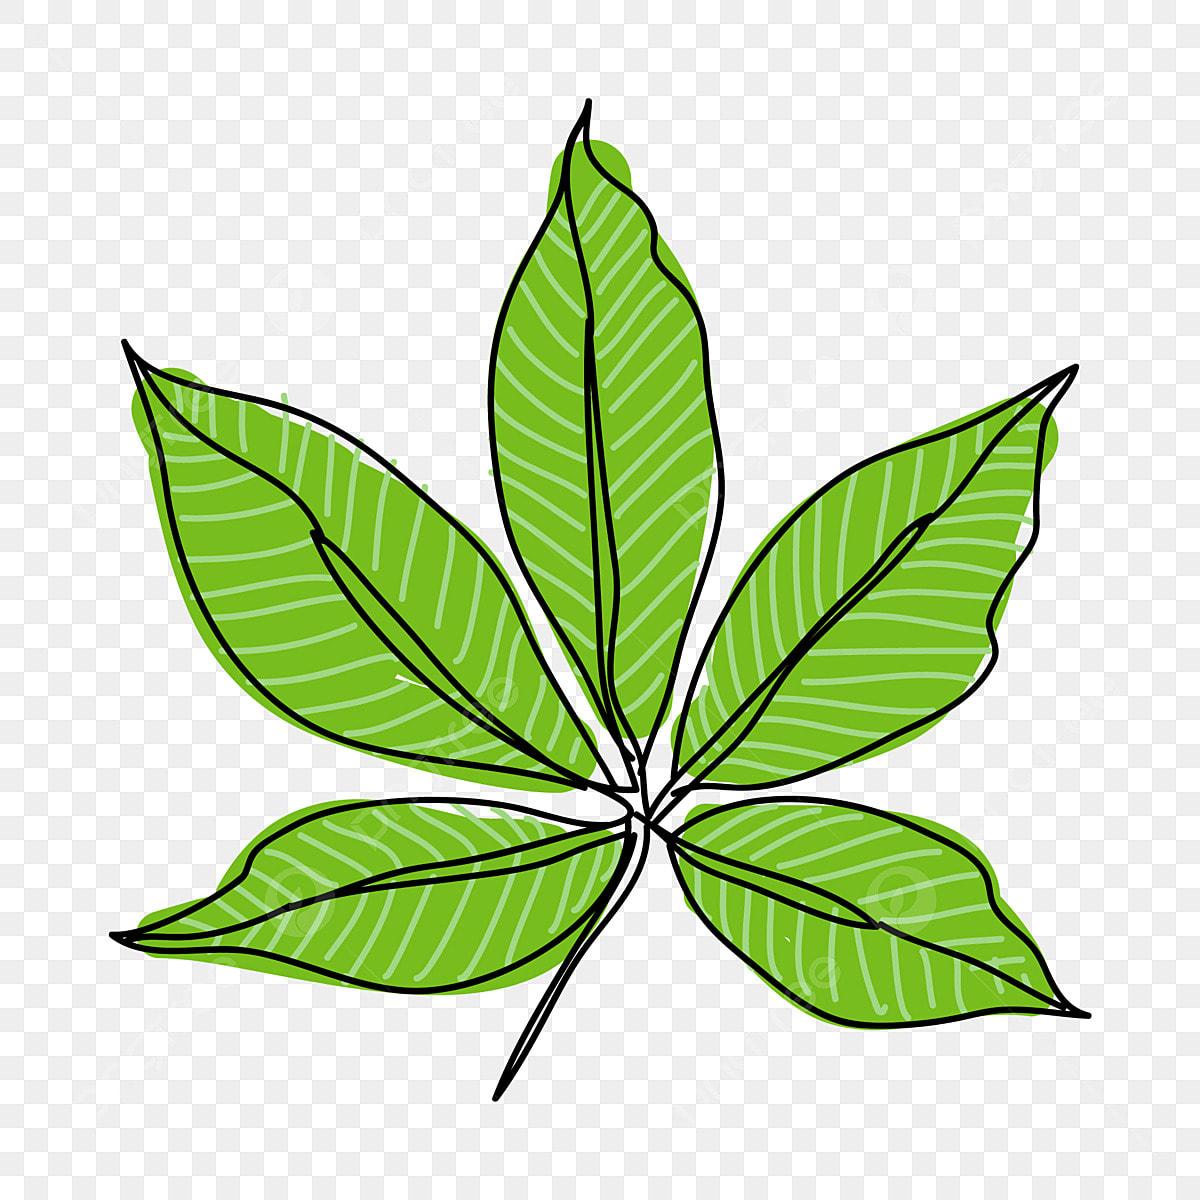 Caricatura Folhas De Desenhos Animados Folhas De Desenhos Animados Folha De árvore Folha Verde Folhas Verde Imagem Png E Vetor Para Download Gratuito